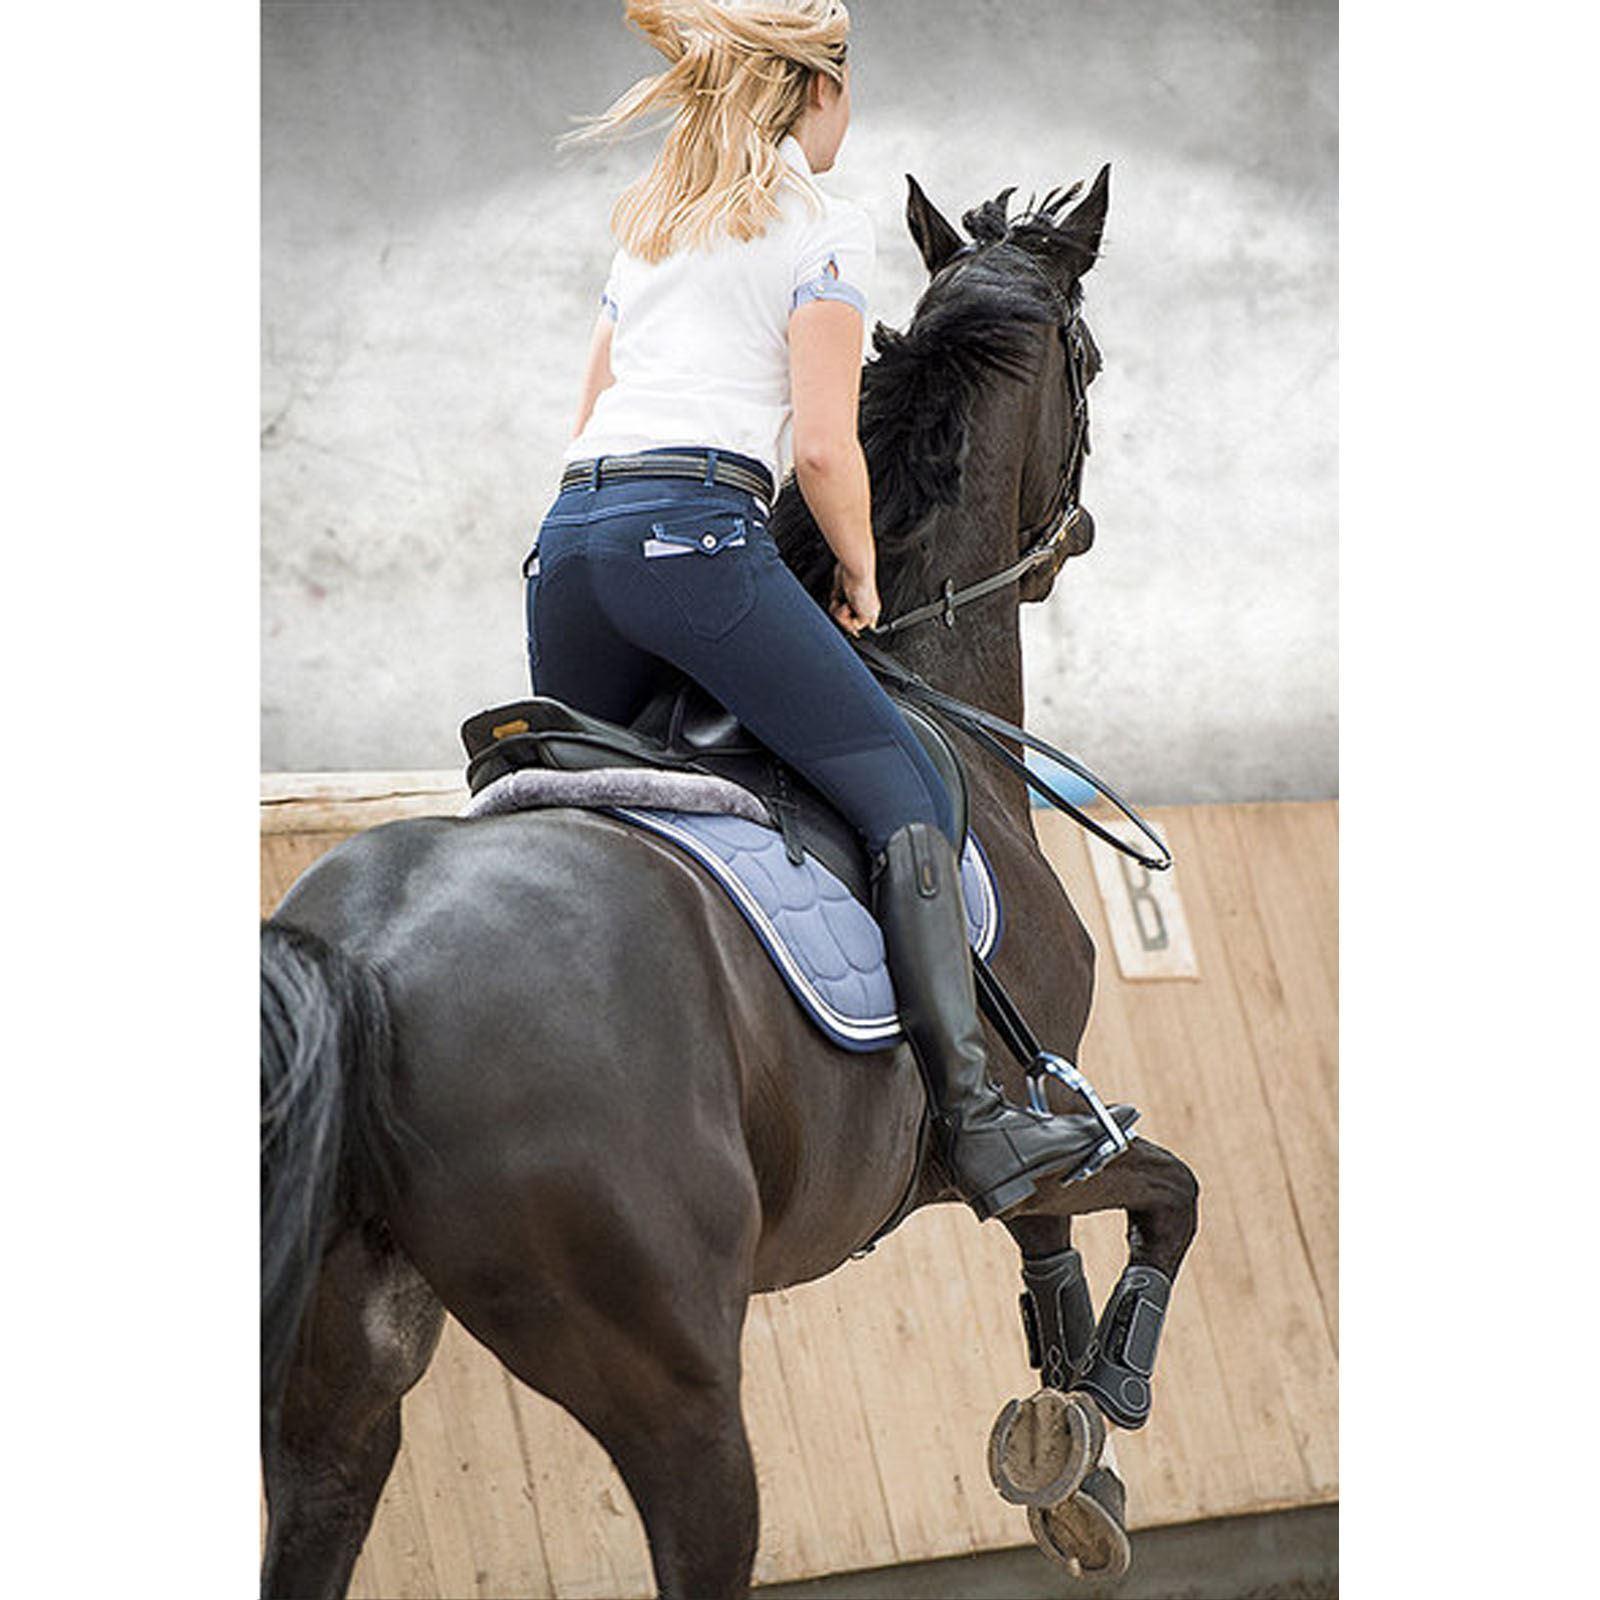 EQUI-THEME DONNA LEA traspirante morbida confortevole Stretch Pantaloni Pantaloni Pantaloni Pony e66f8f